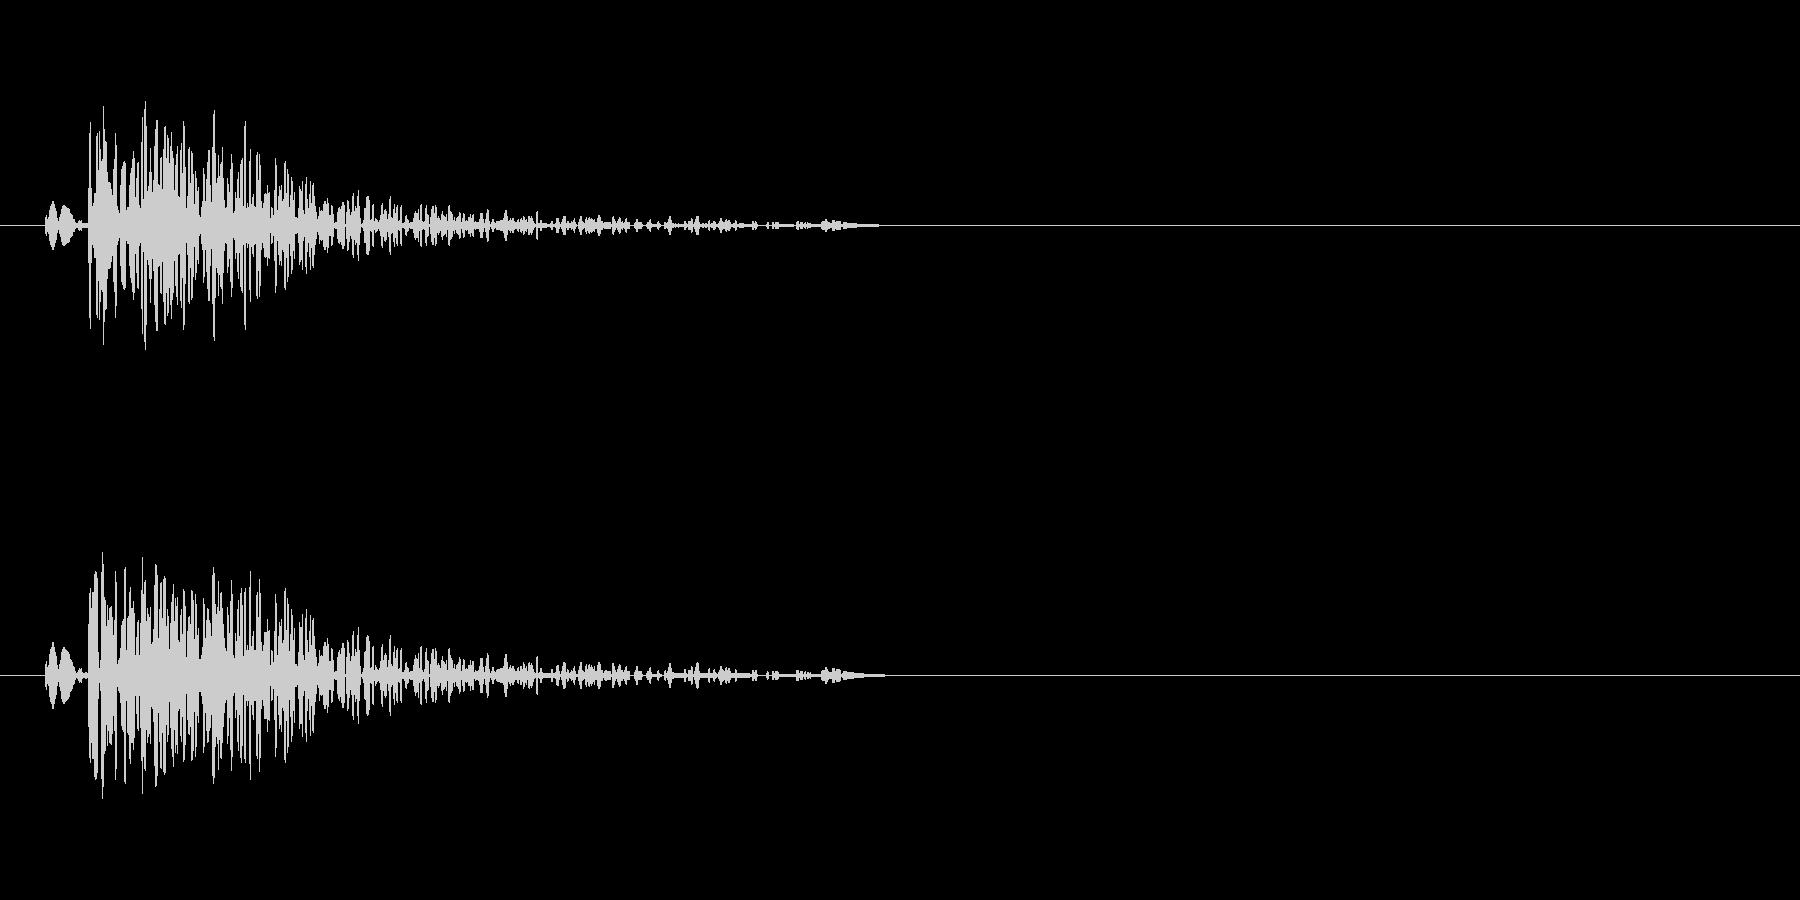 銃声(音が高い)の未再生の波形